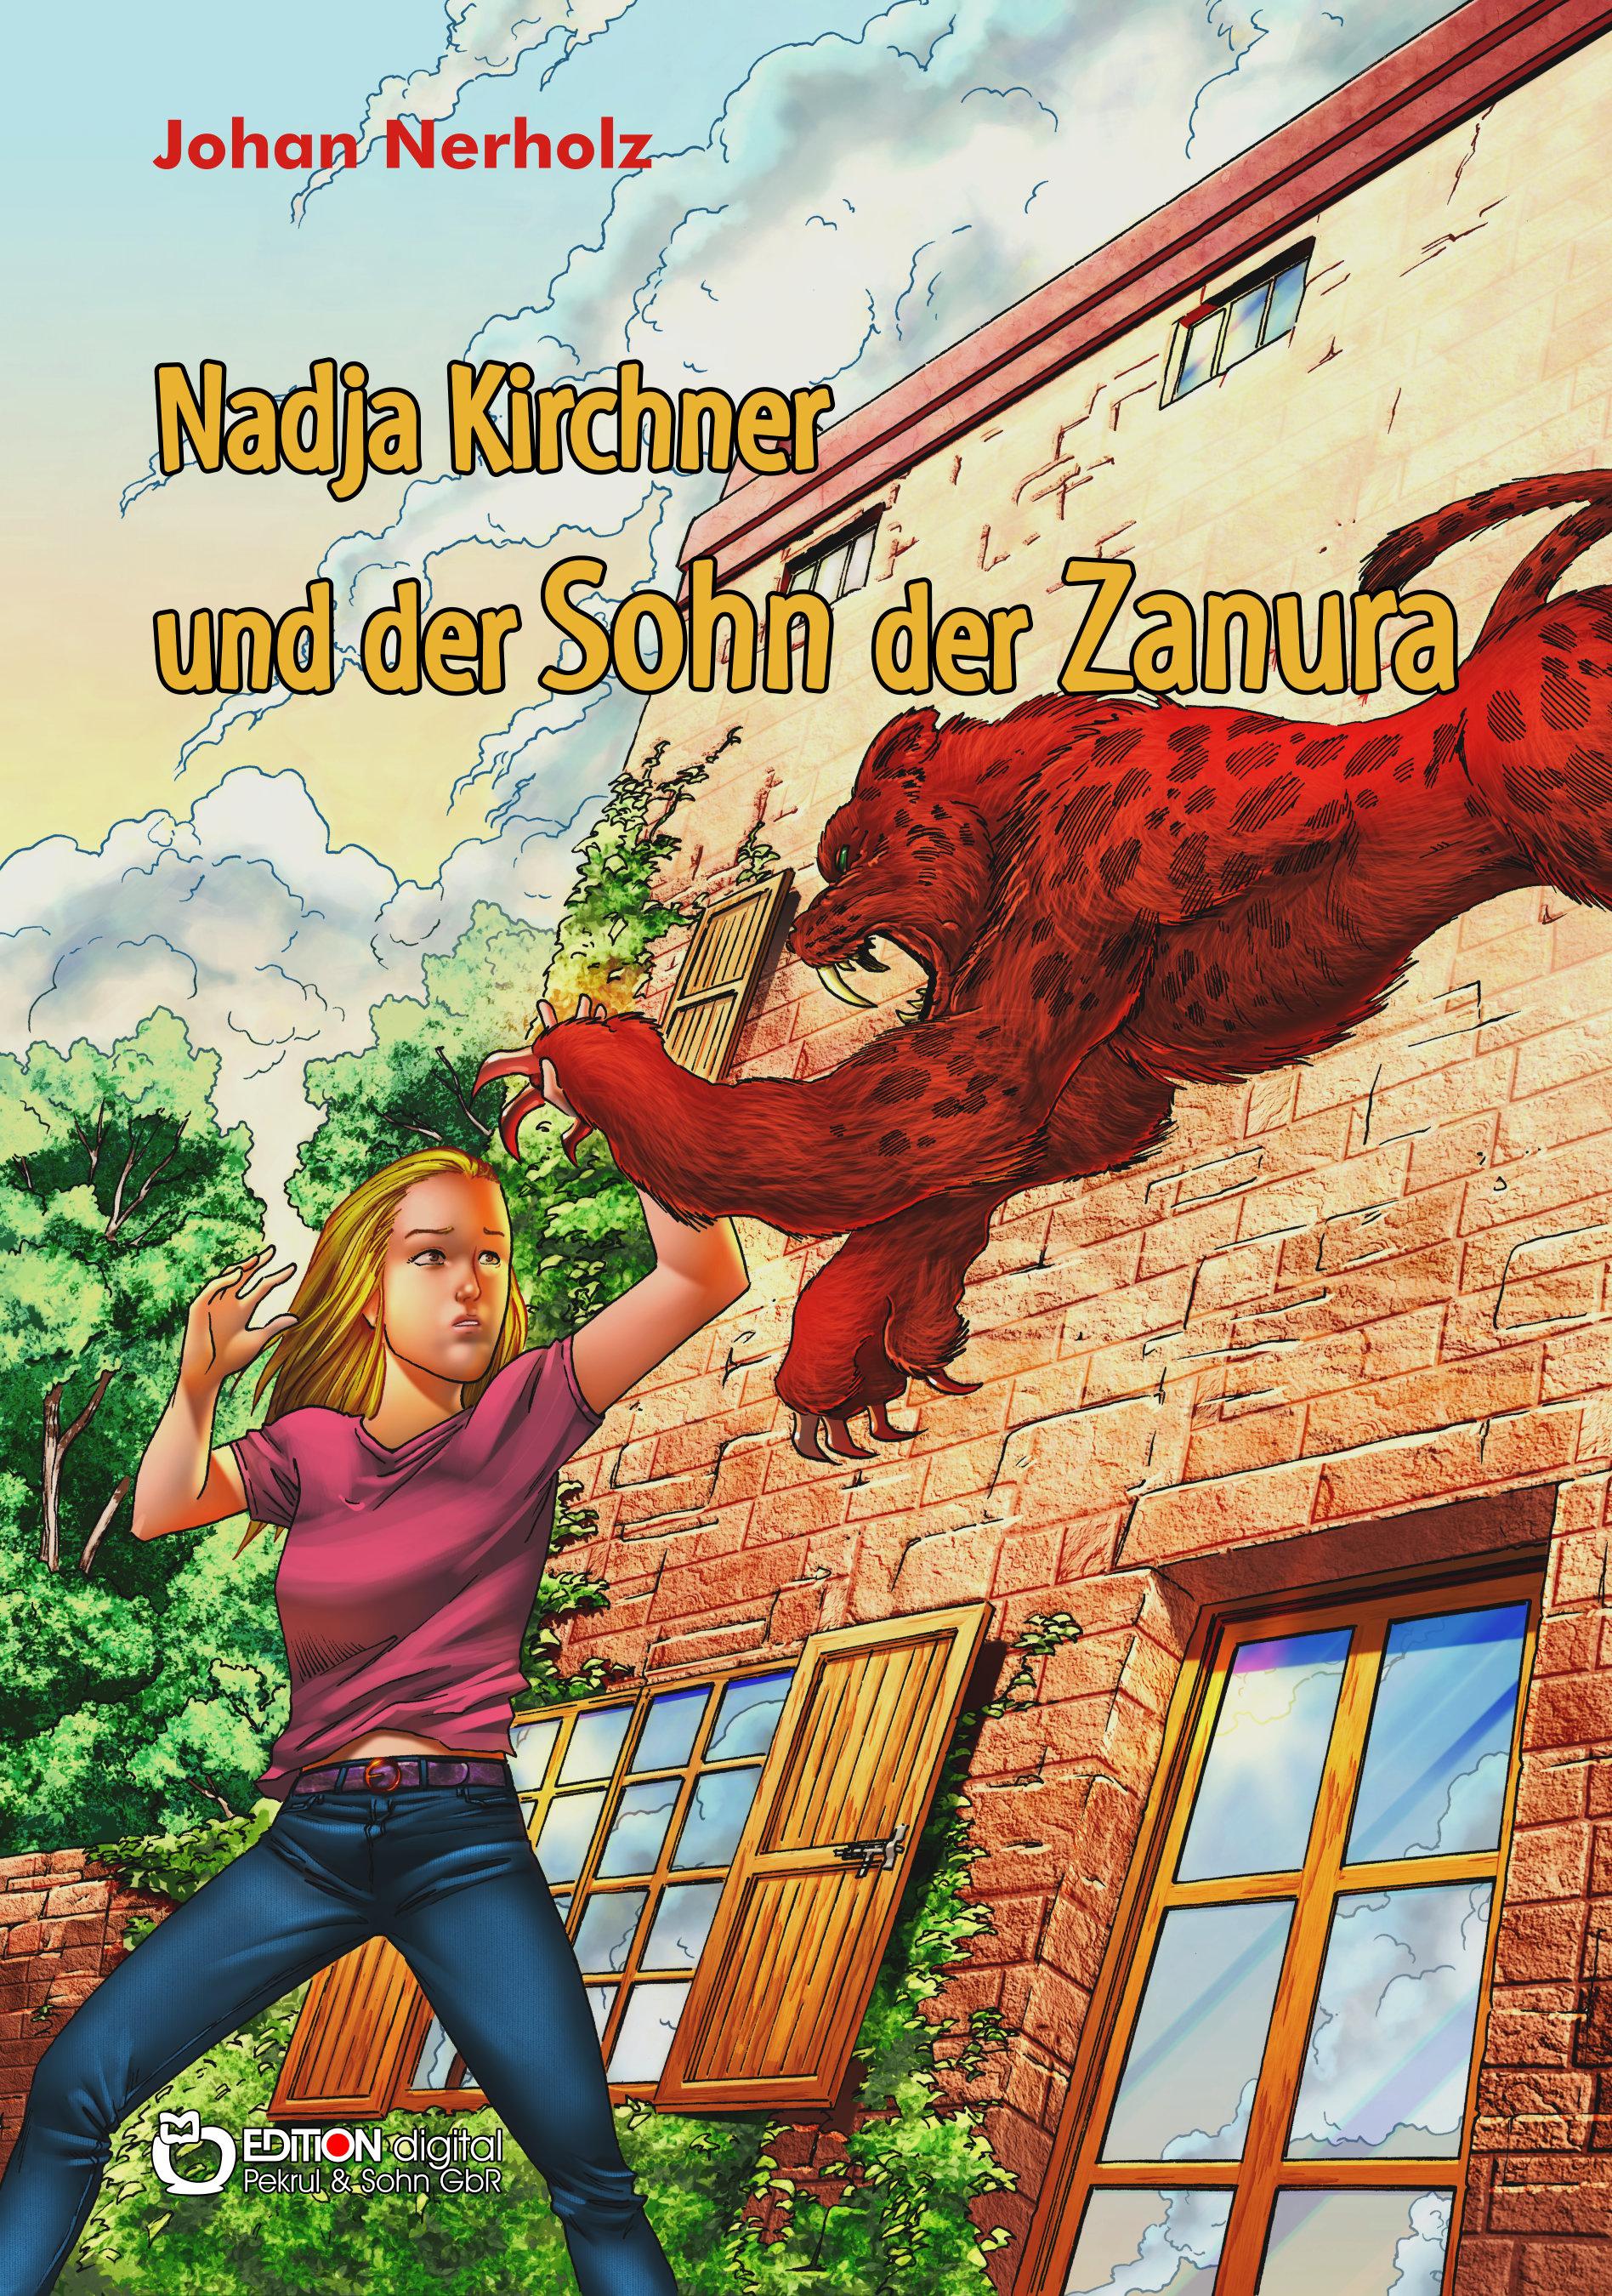 Nadja Kirchner und der Sohn der Zanura. Teil 4 der Nadja-Kirchner-Fantasy-Reihe von Johan Nerholz